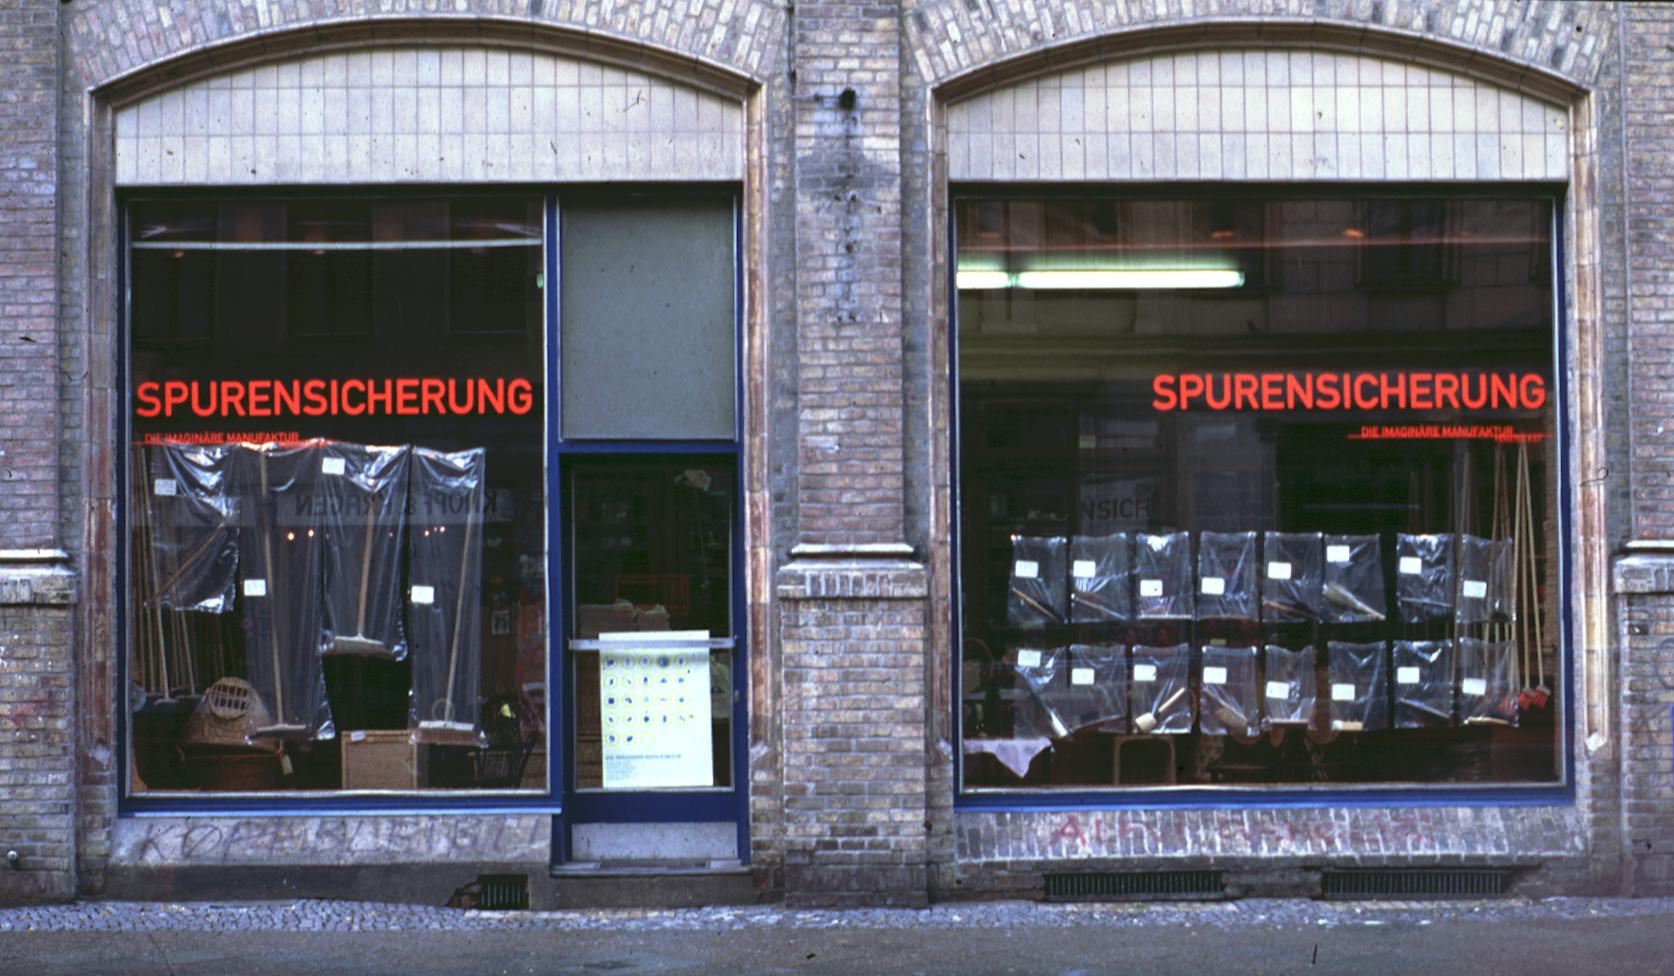 Schaufenster # 07 SPURENSICHERUNG